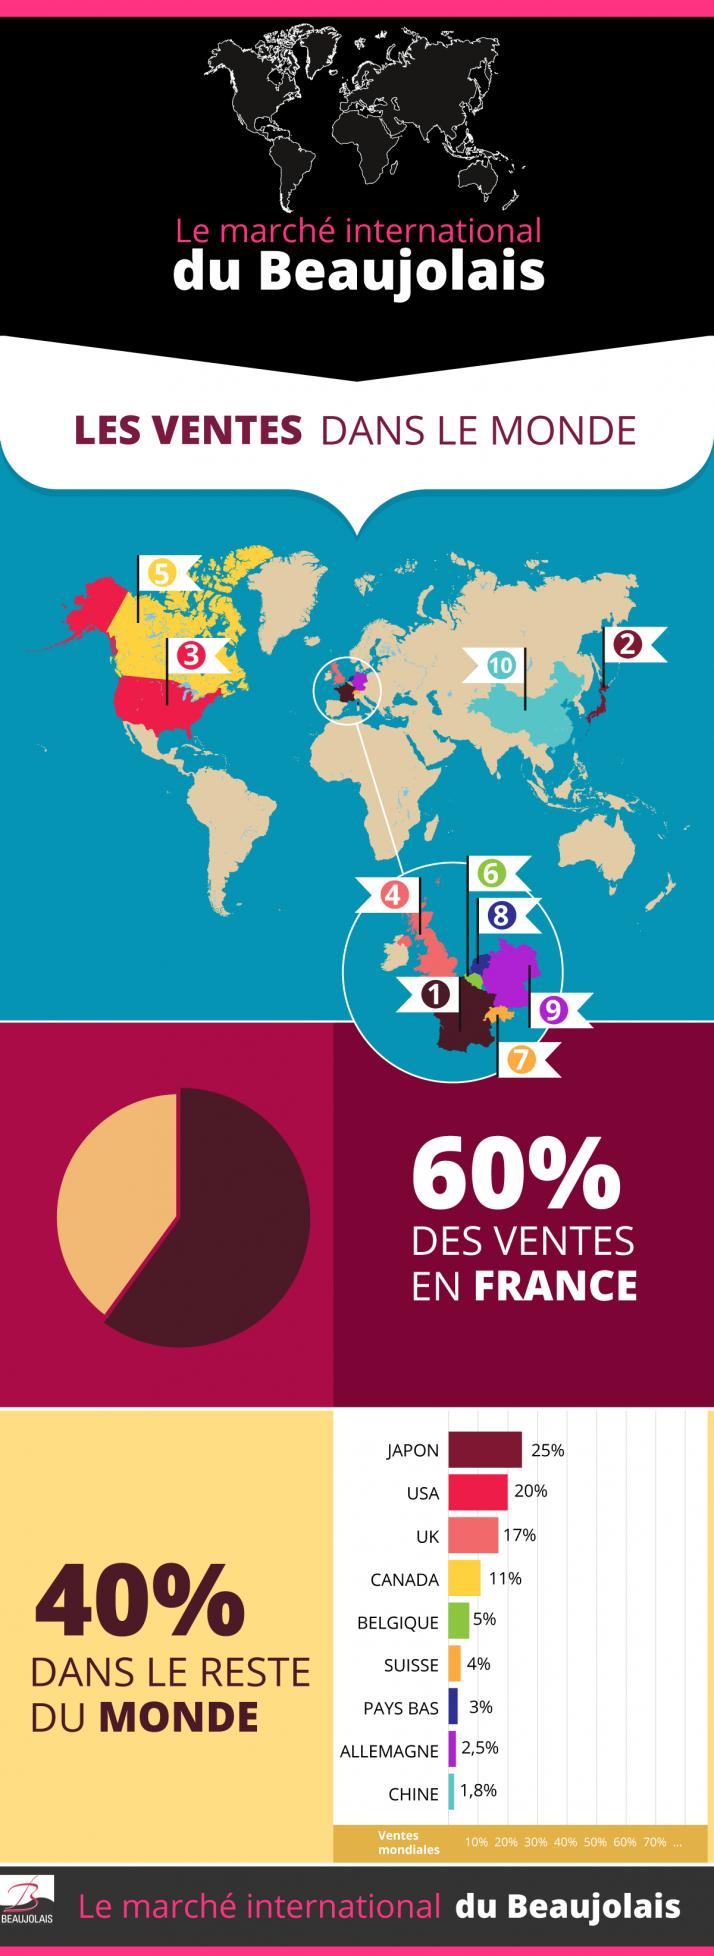 2-le_marche_international_du_beaujolais.png